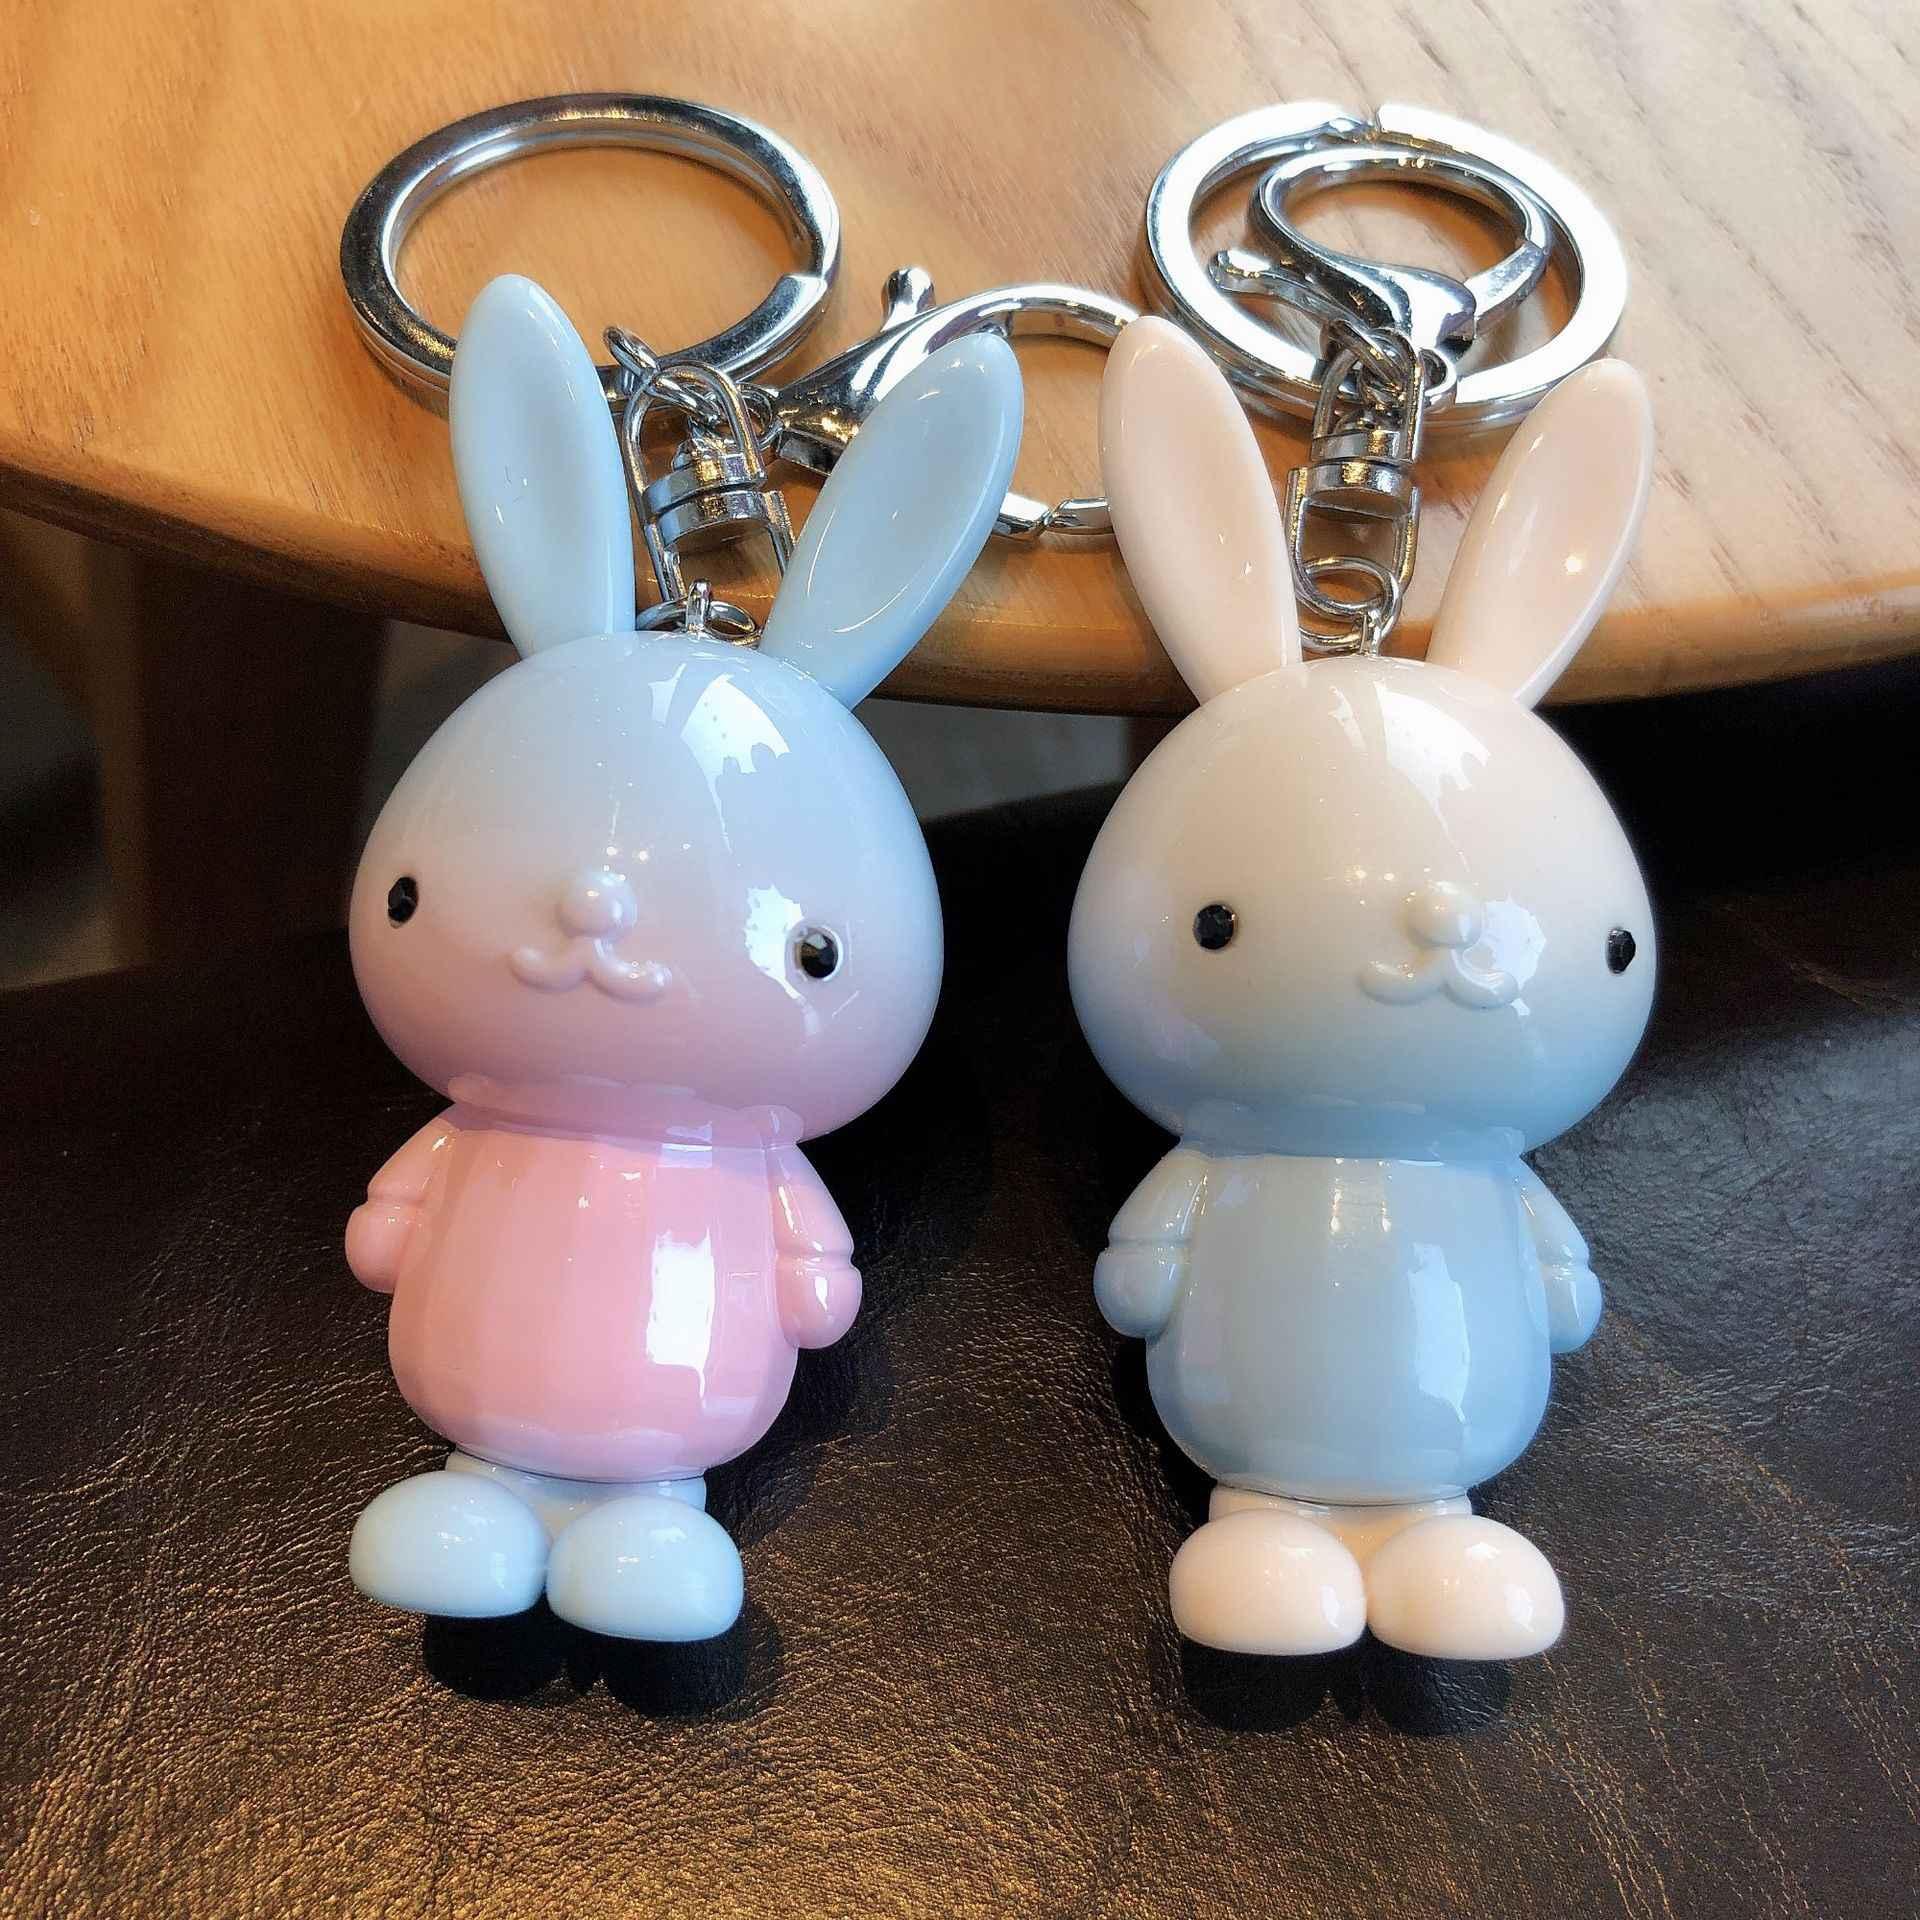 2019 หูยาวกระต่าย Key Chain แหวนสี Gradient กระต่ายเครื่องประดับชุดของขวัญจี้รถมินิของเล่นรถของขวัญ